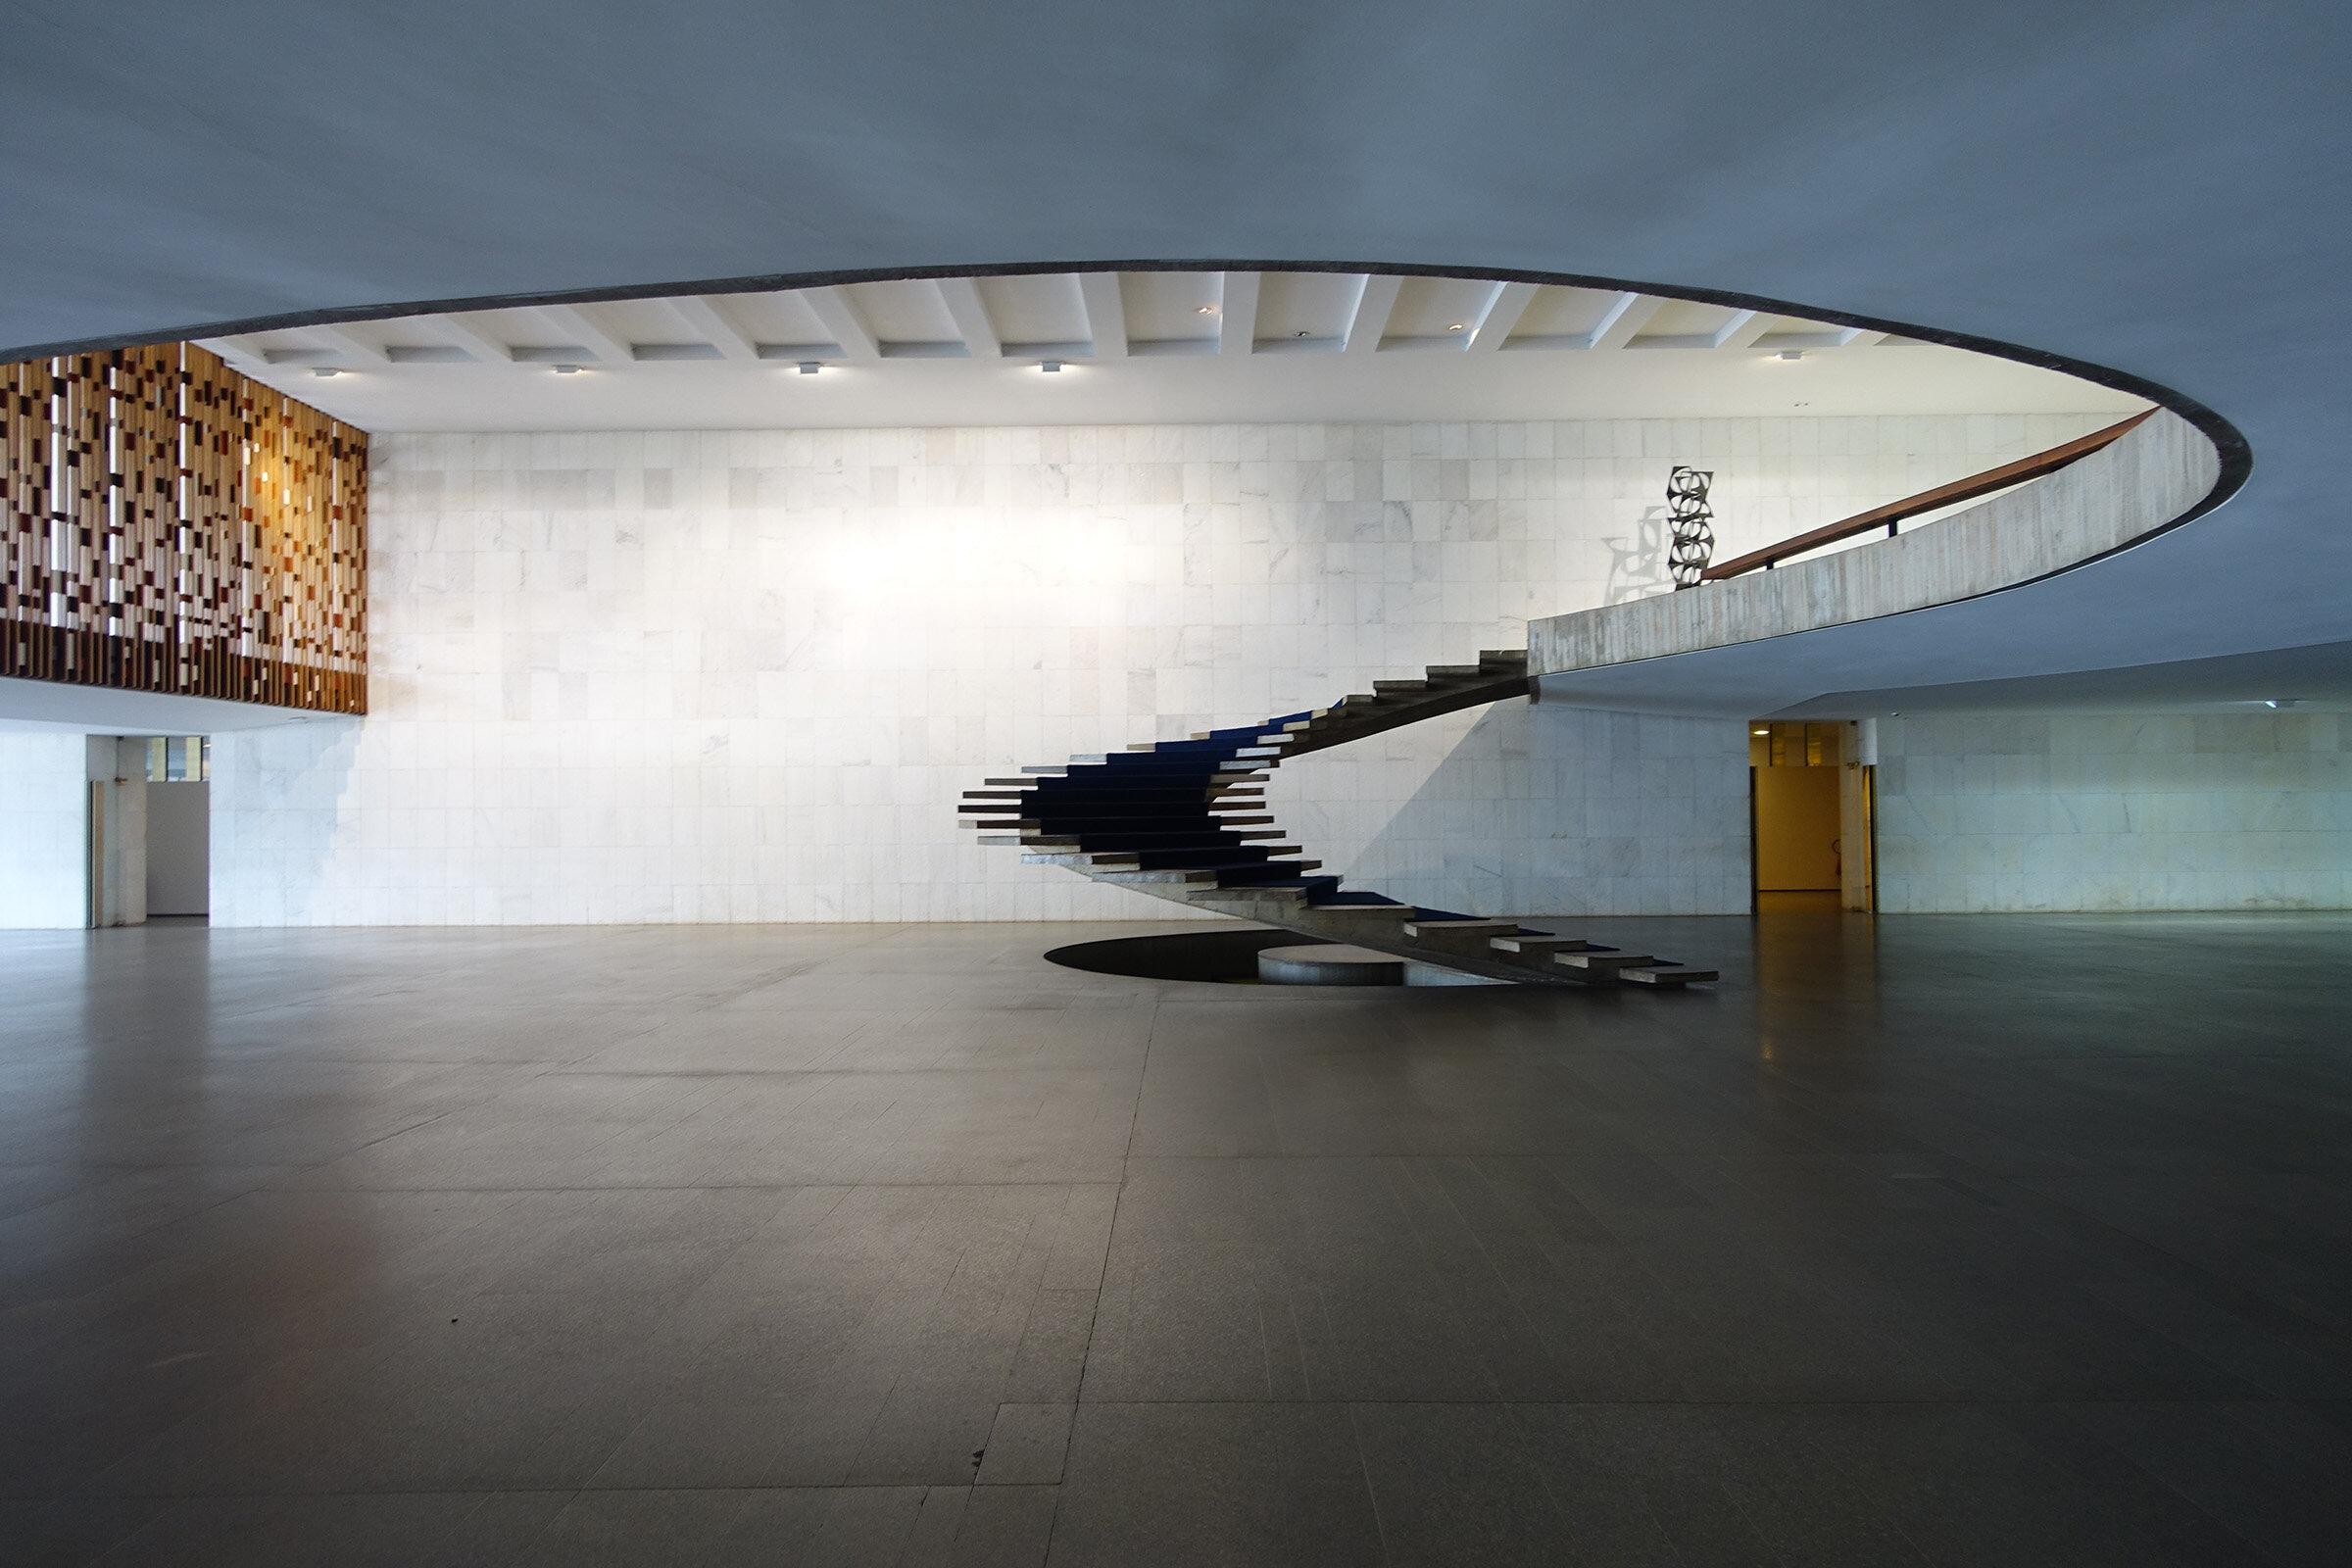 Freitreppe Itamaraty Oscar Niemeyer.jpg